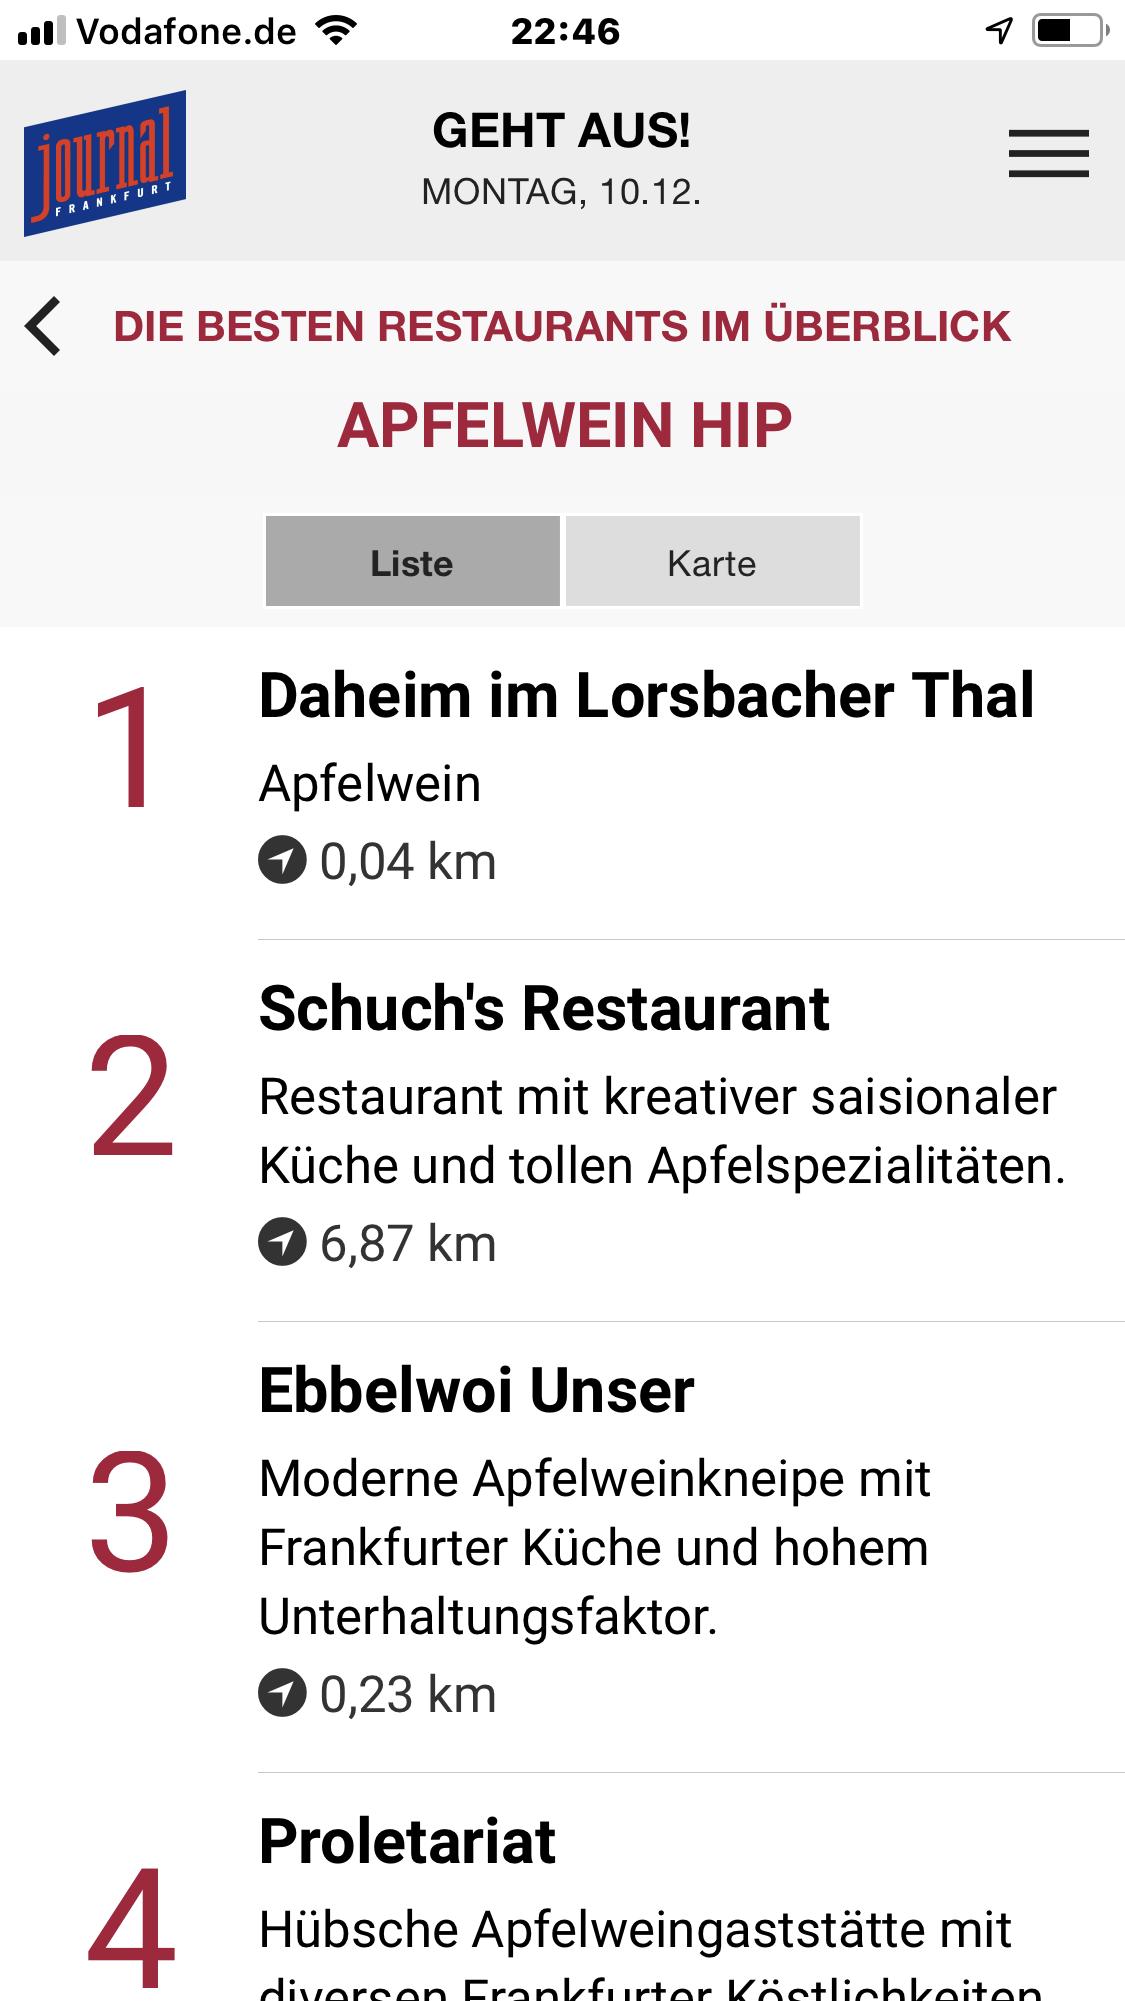 Daheim Lorsbacher Thal